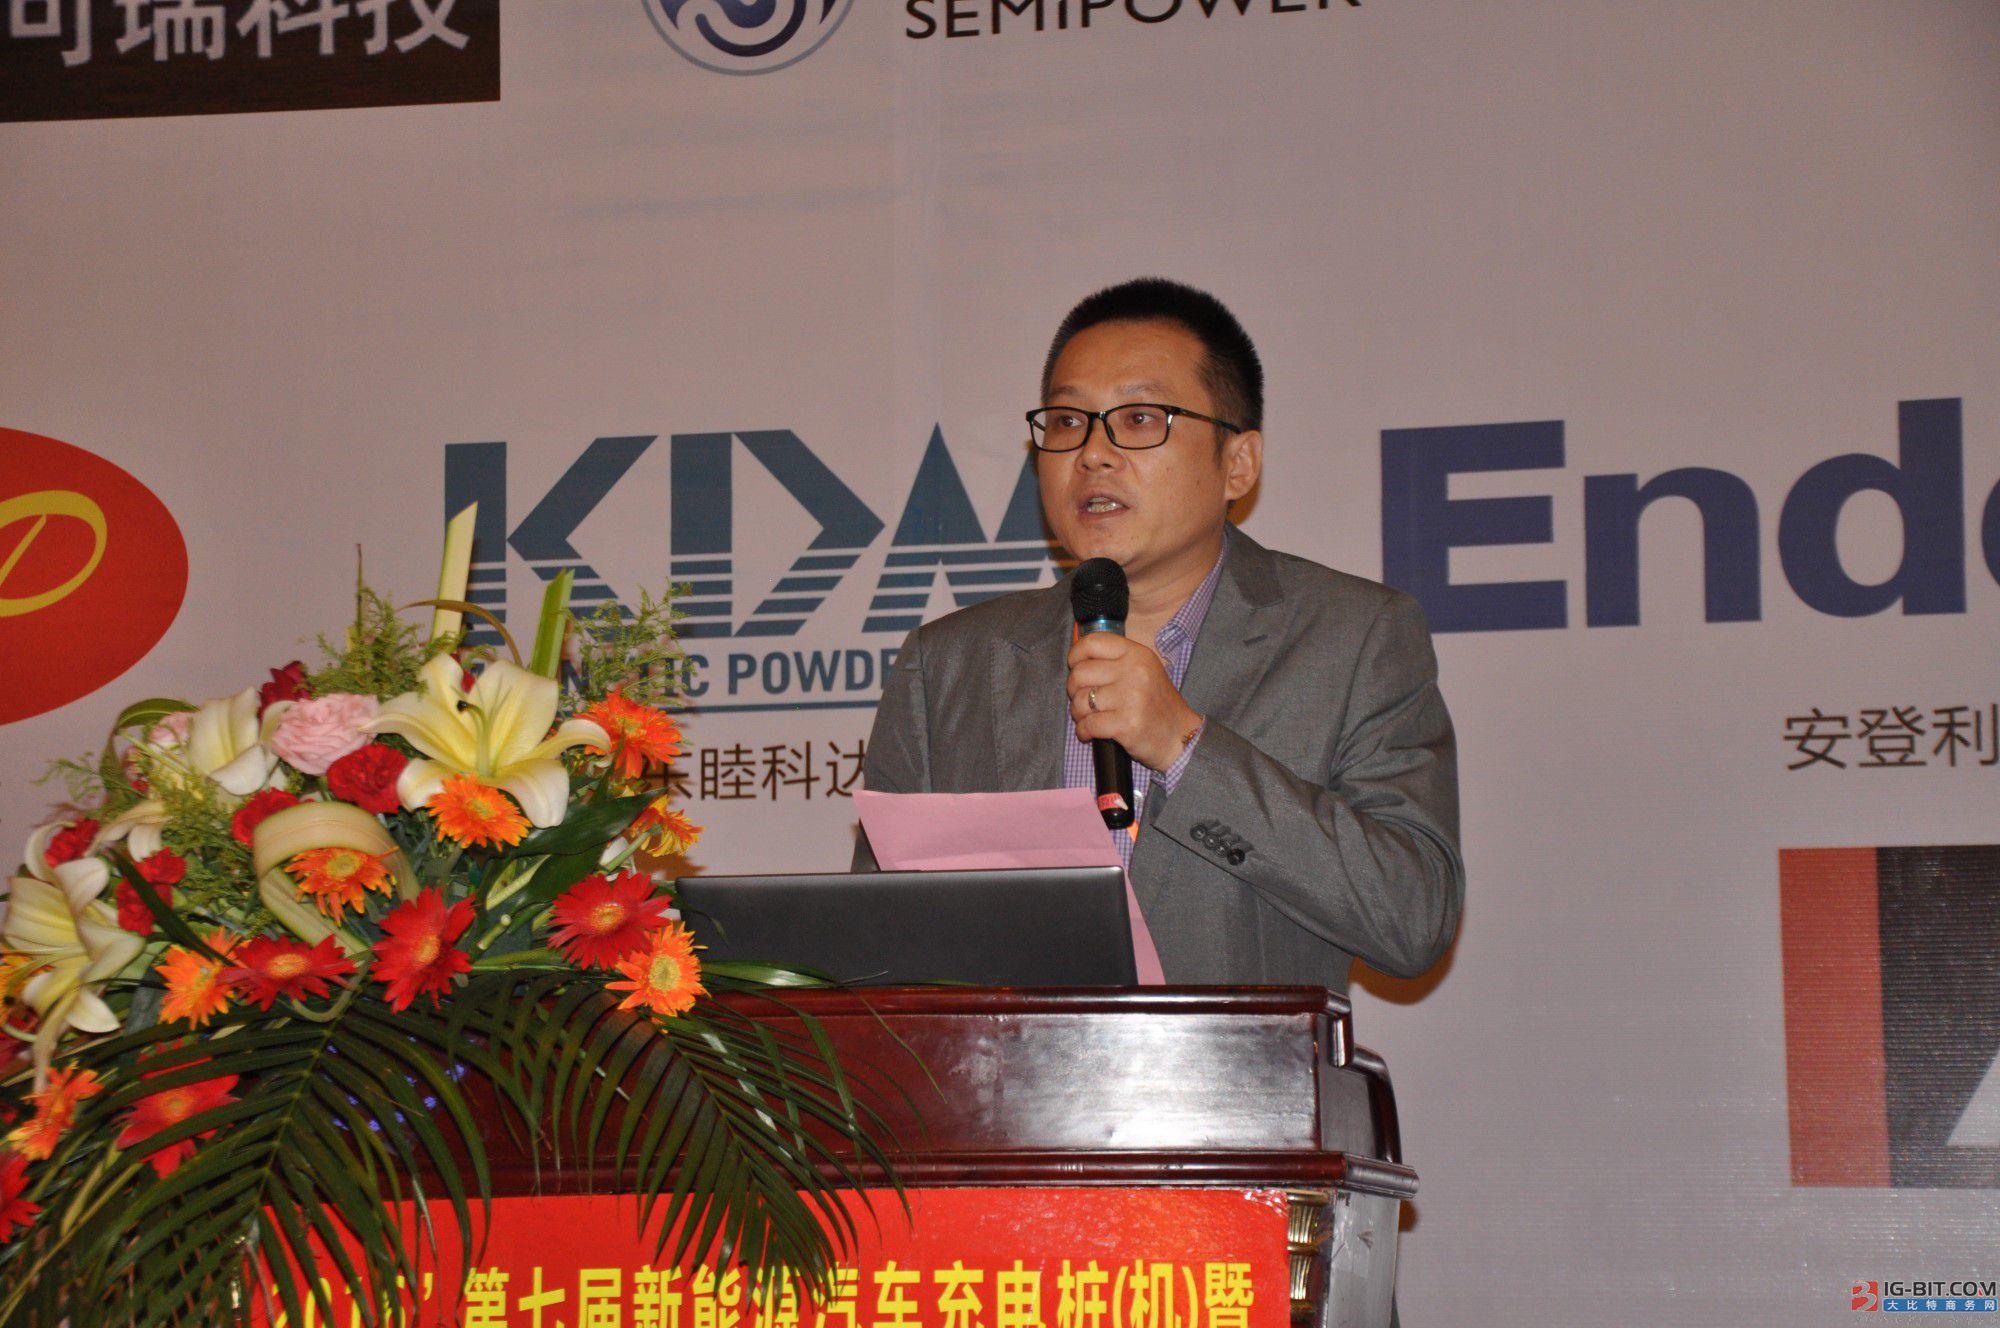 广东大比特资讯磁性元件与电源事业部总监李红兵